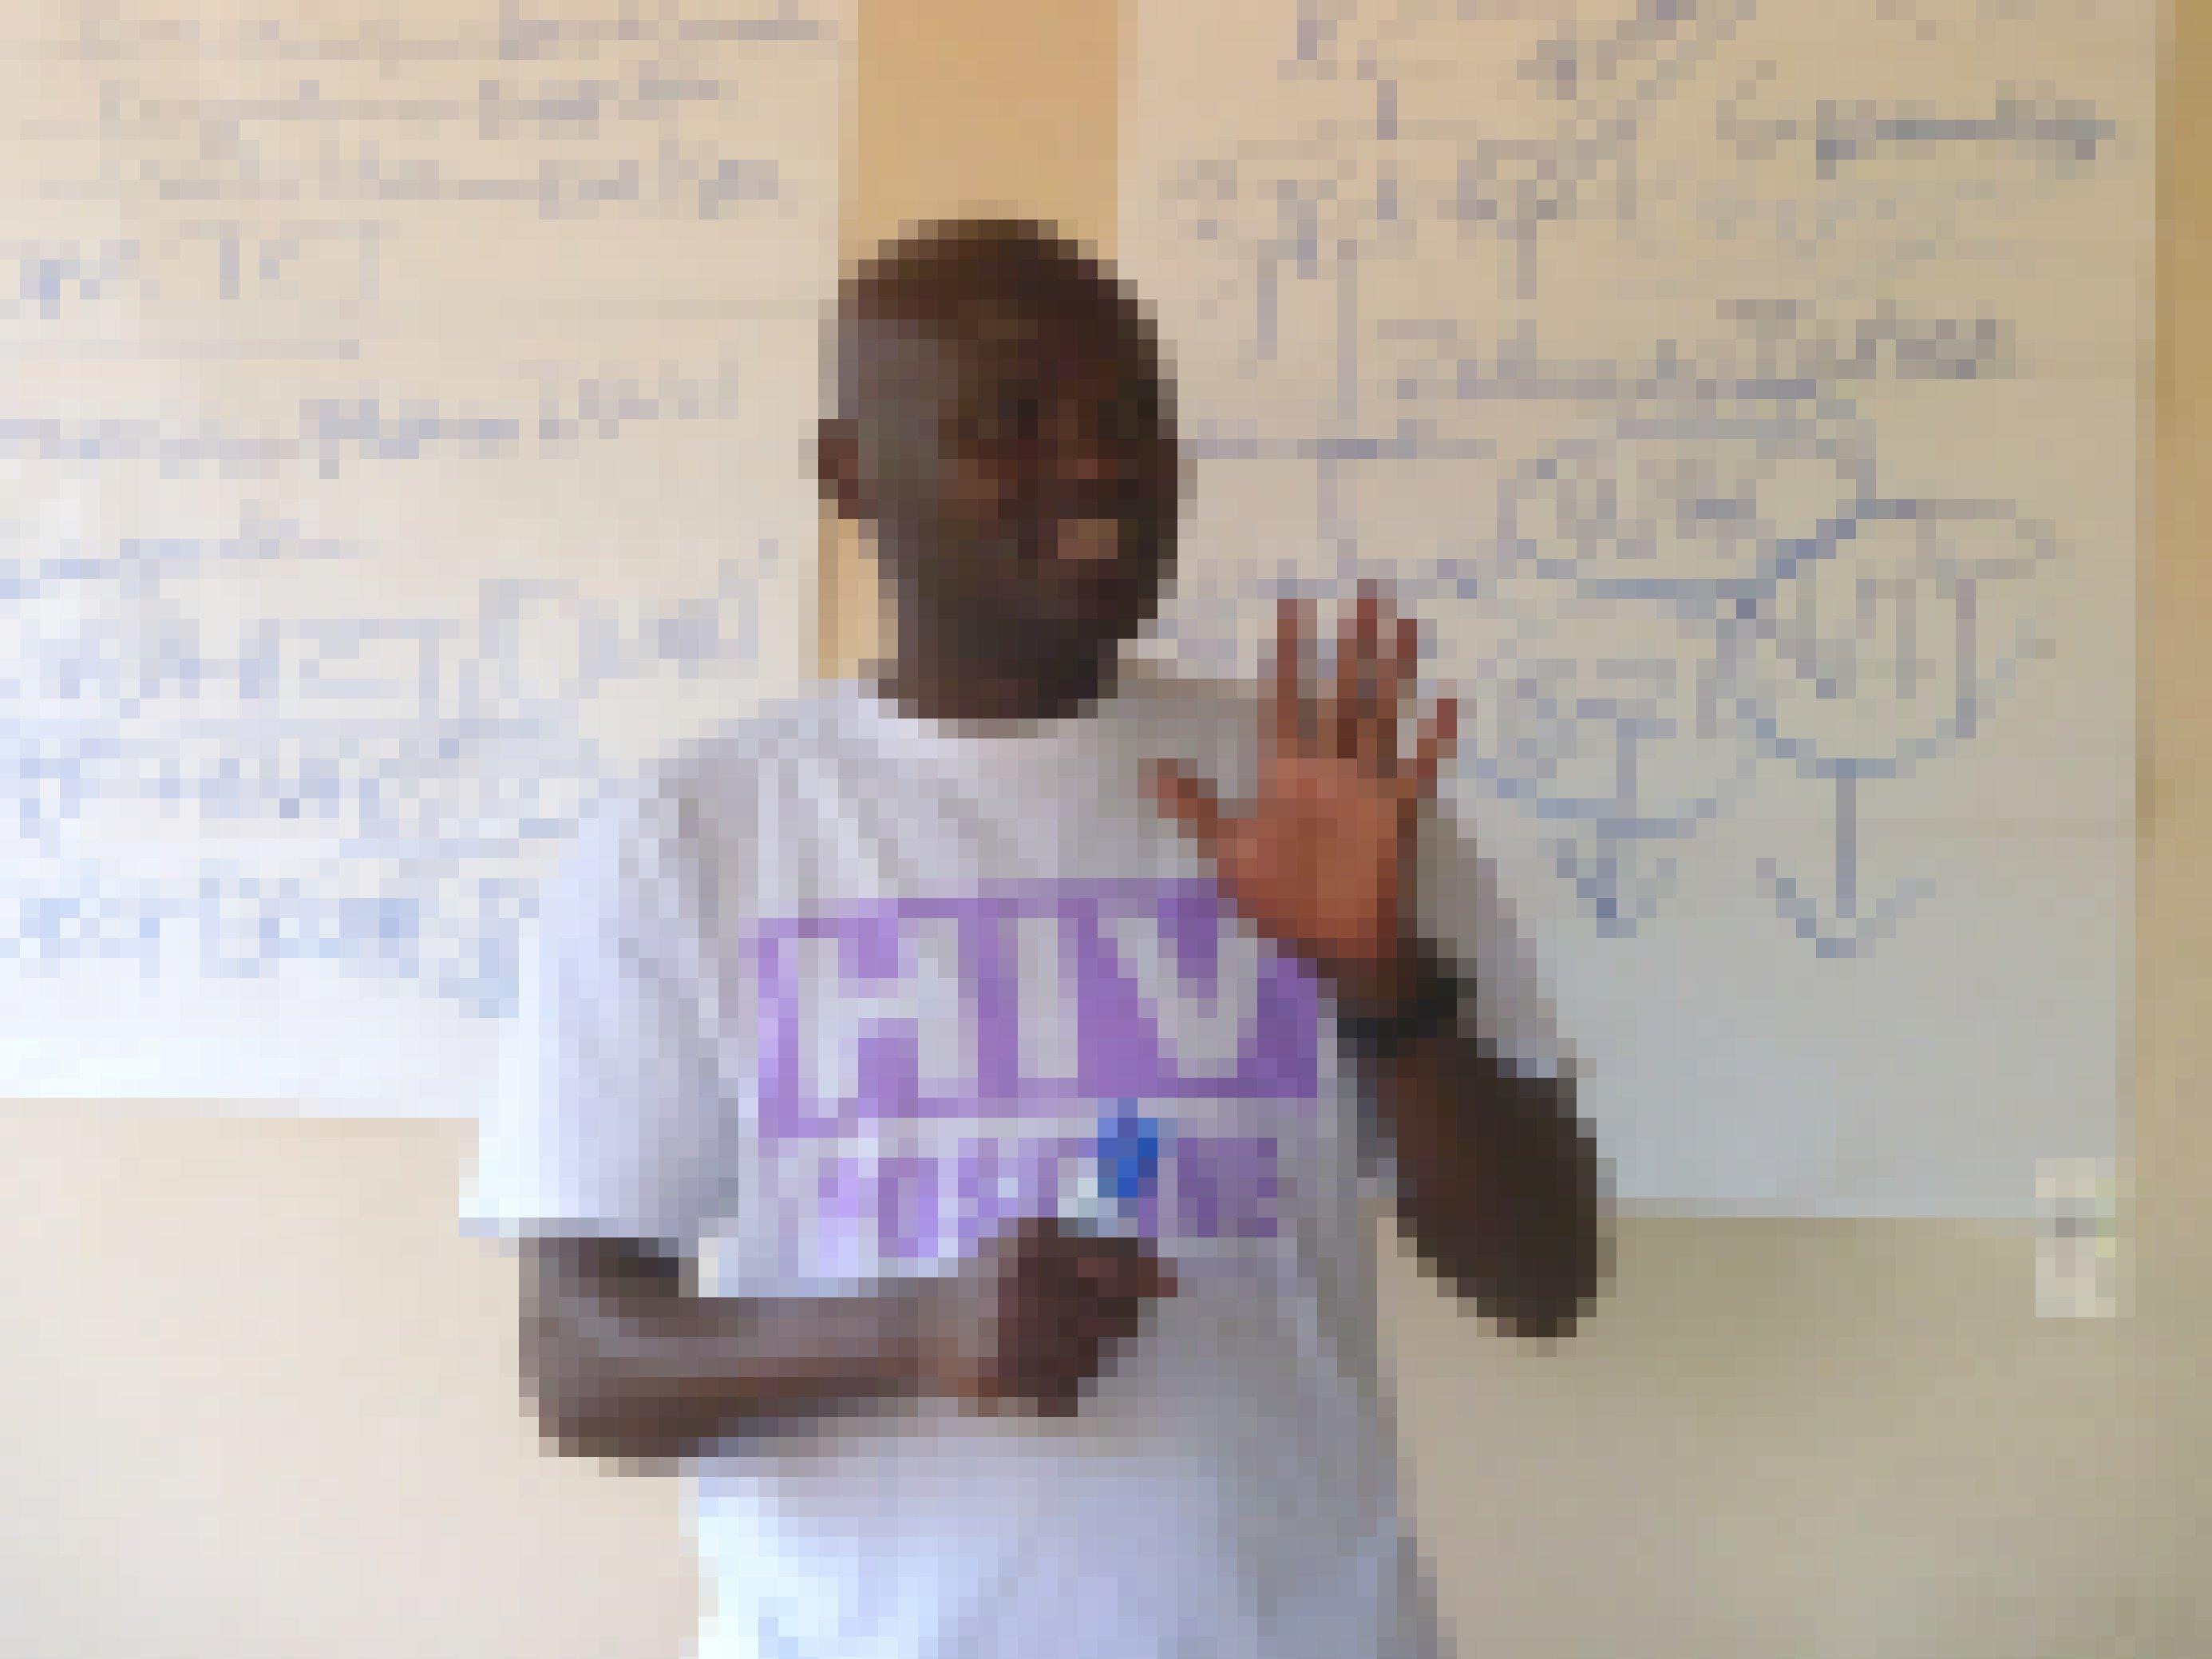 Ein Aktivist mit einem T-Shirt, der Aufdruck: HIV positiv. Er steht vor einer Tafel und gestikuliert, hält offensichtlich gerade einen Vortrag.